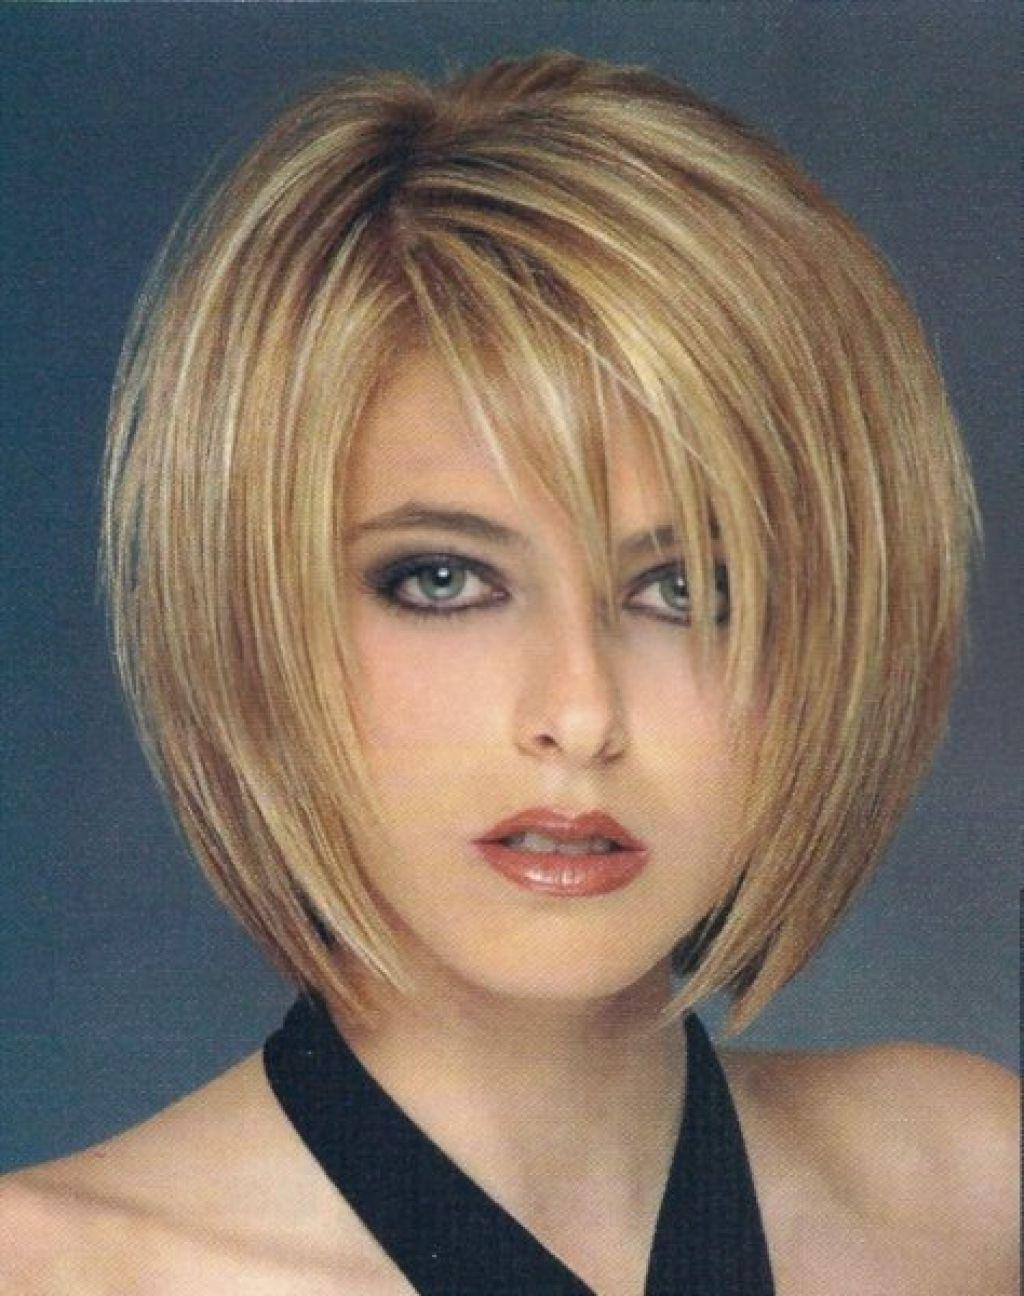 Layered Bob Haircuts For Thin Hair Short – Google Search | Hair Inside Layered Bob Haircuts For Fine Hair (View 7 of 20)